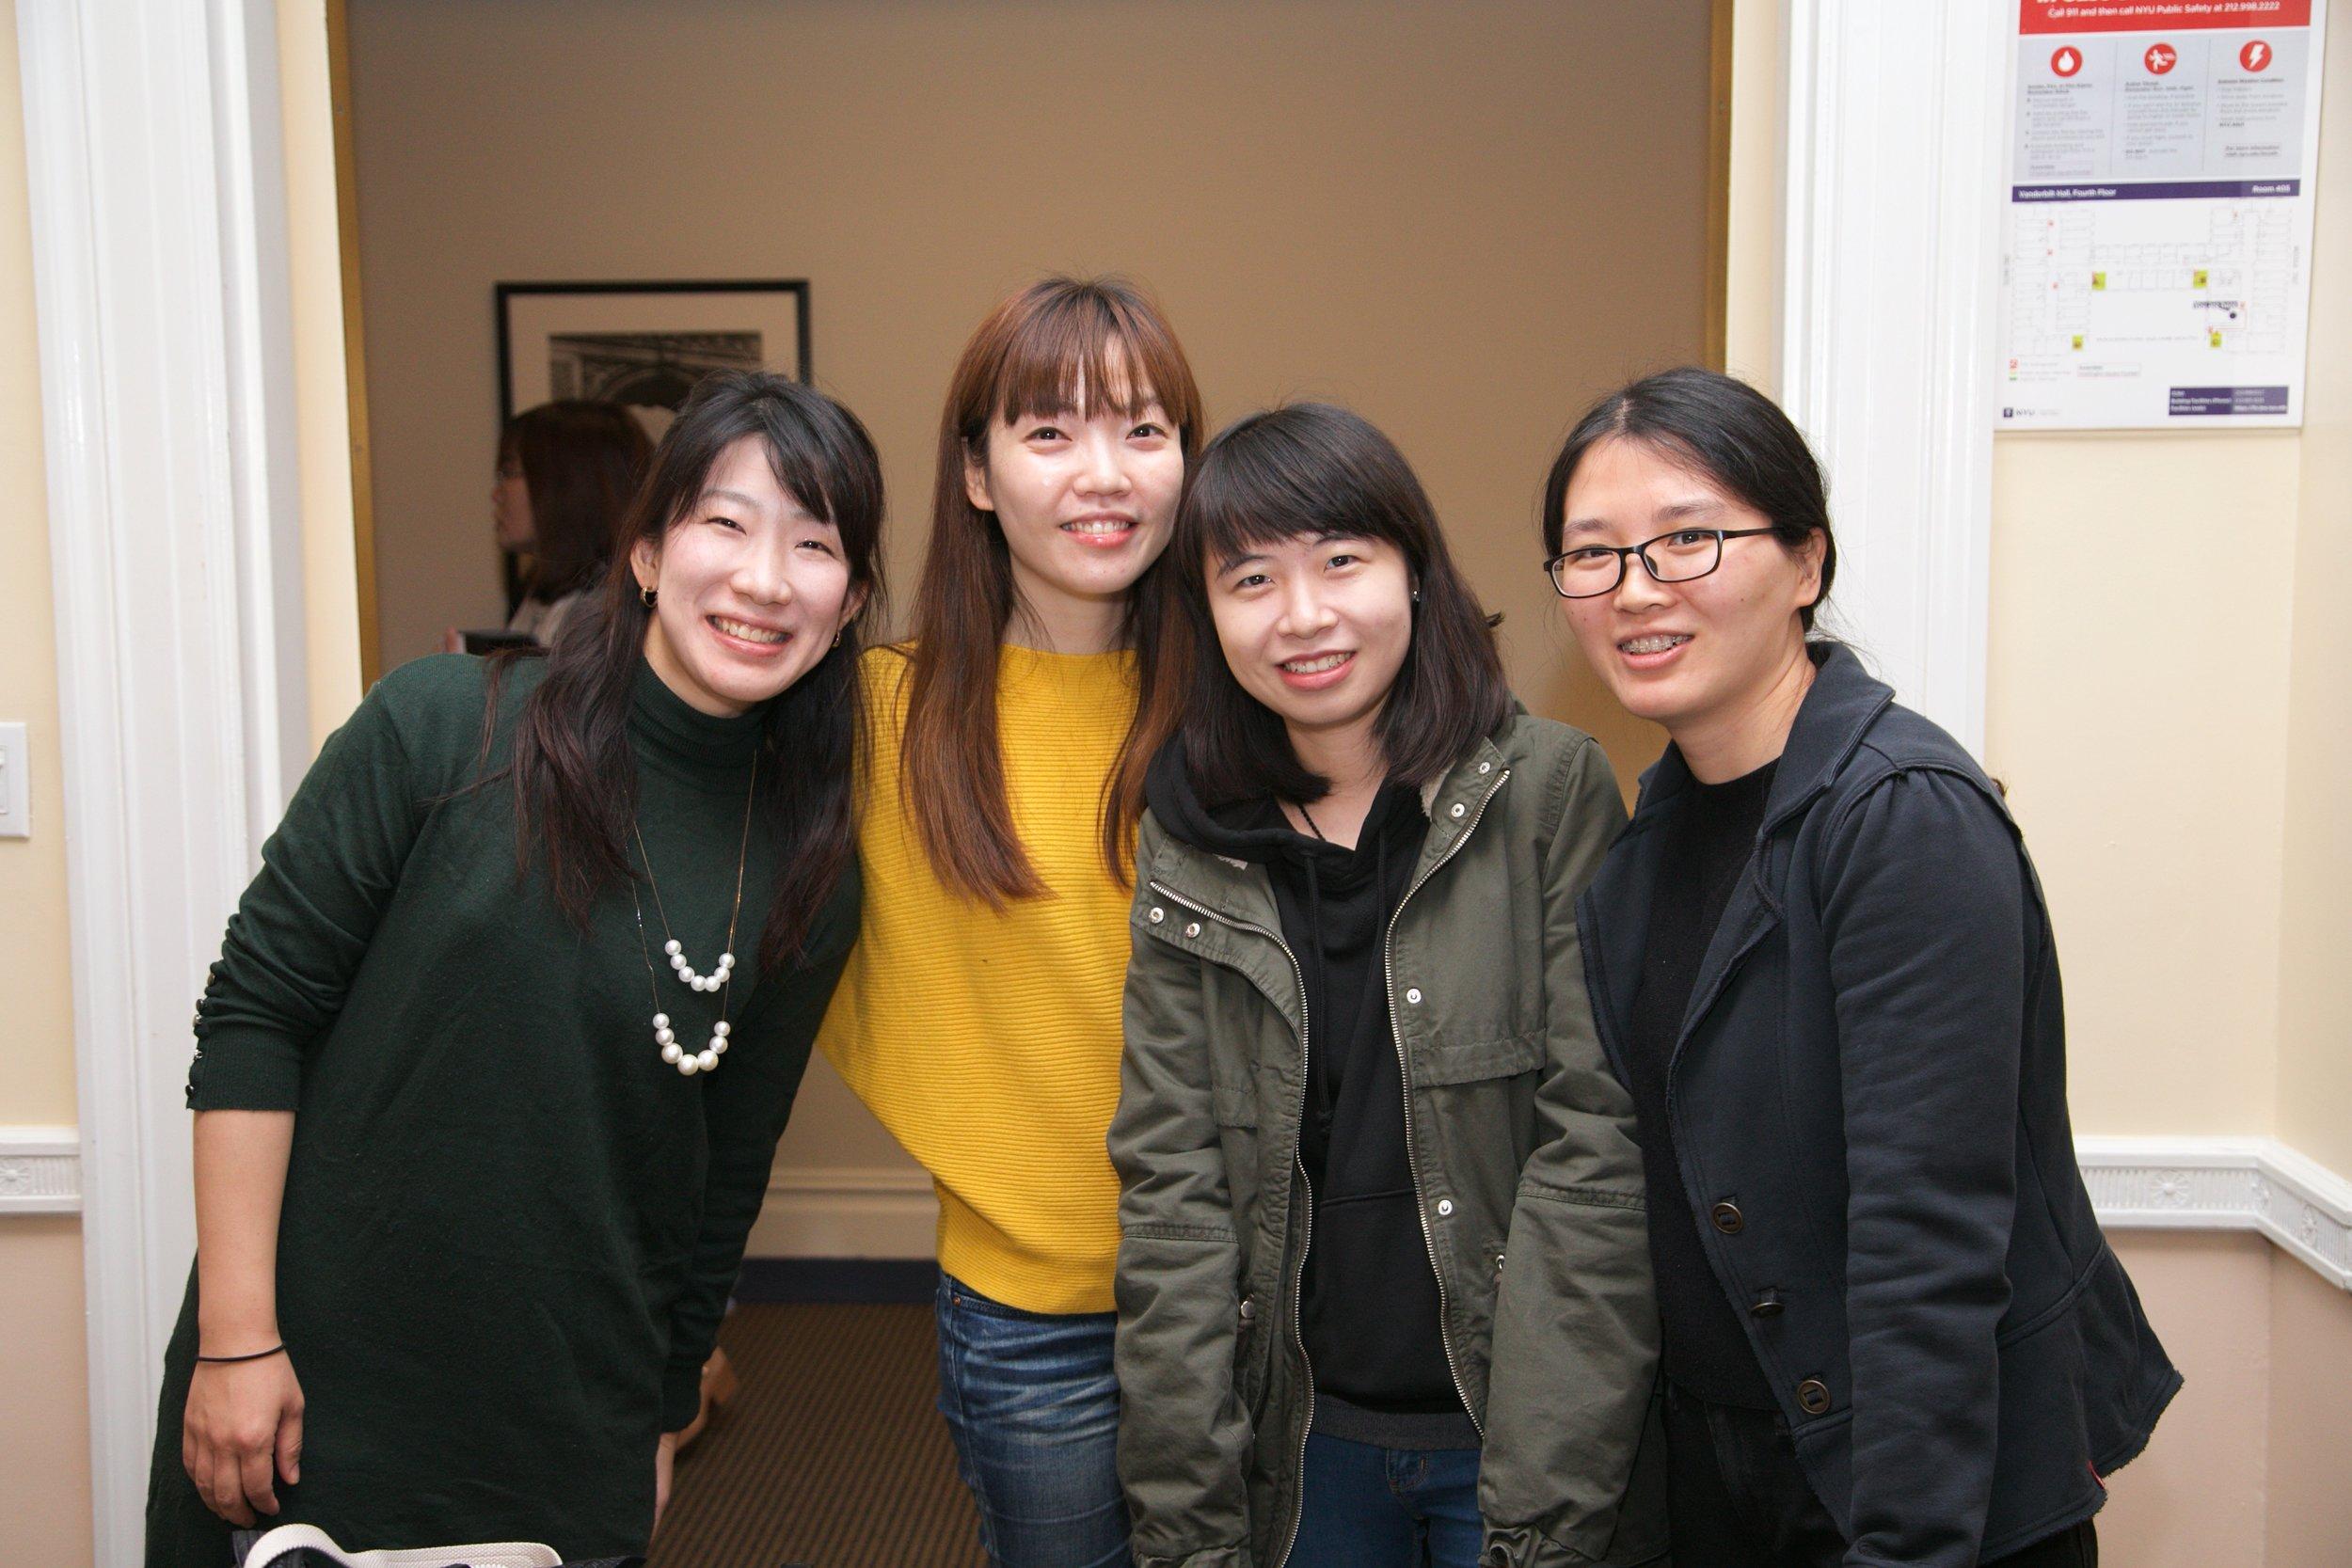 USALI Visiting Scholars: Ryangok Ku, Yihsien Wu, Yan Dongni, and Yizhi Huang